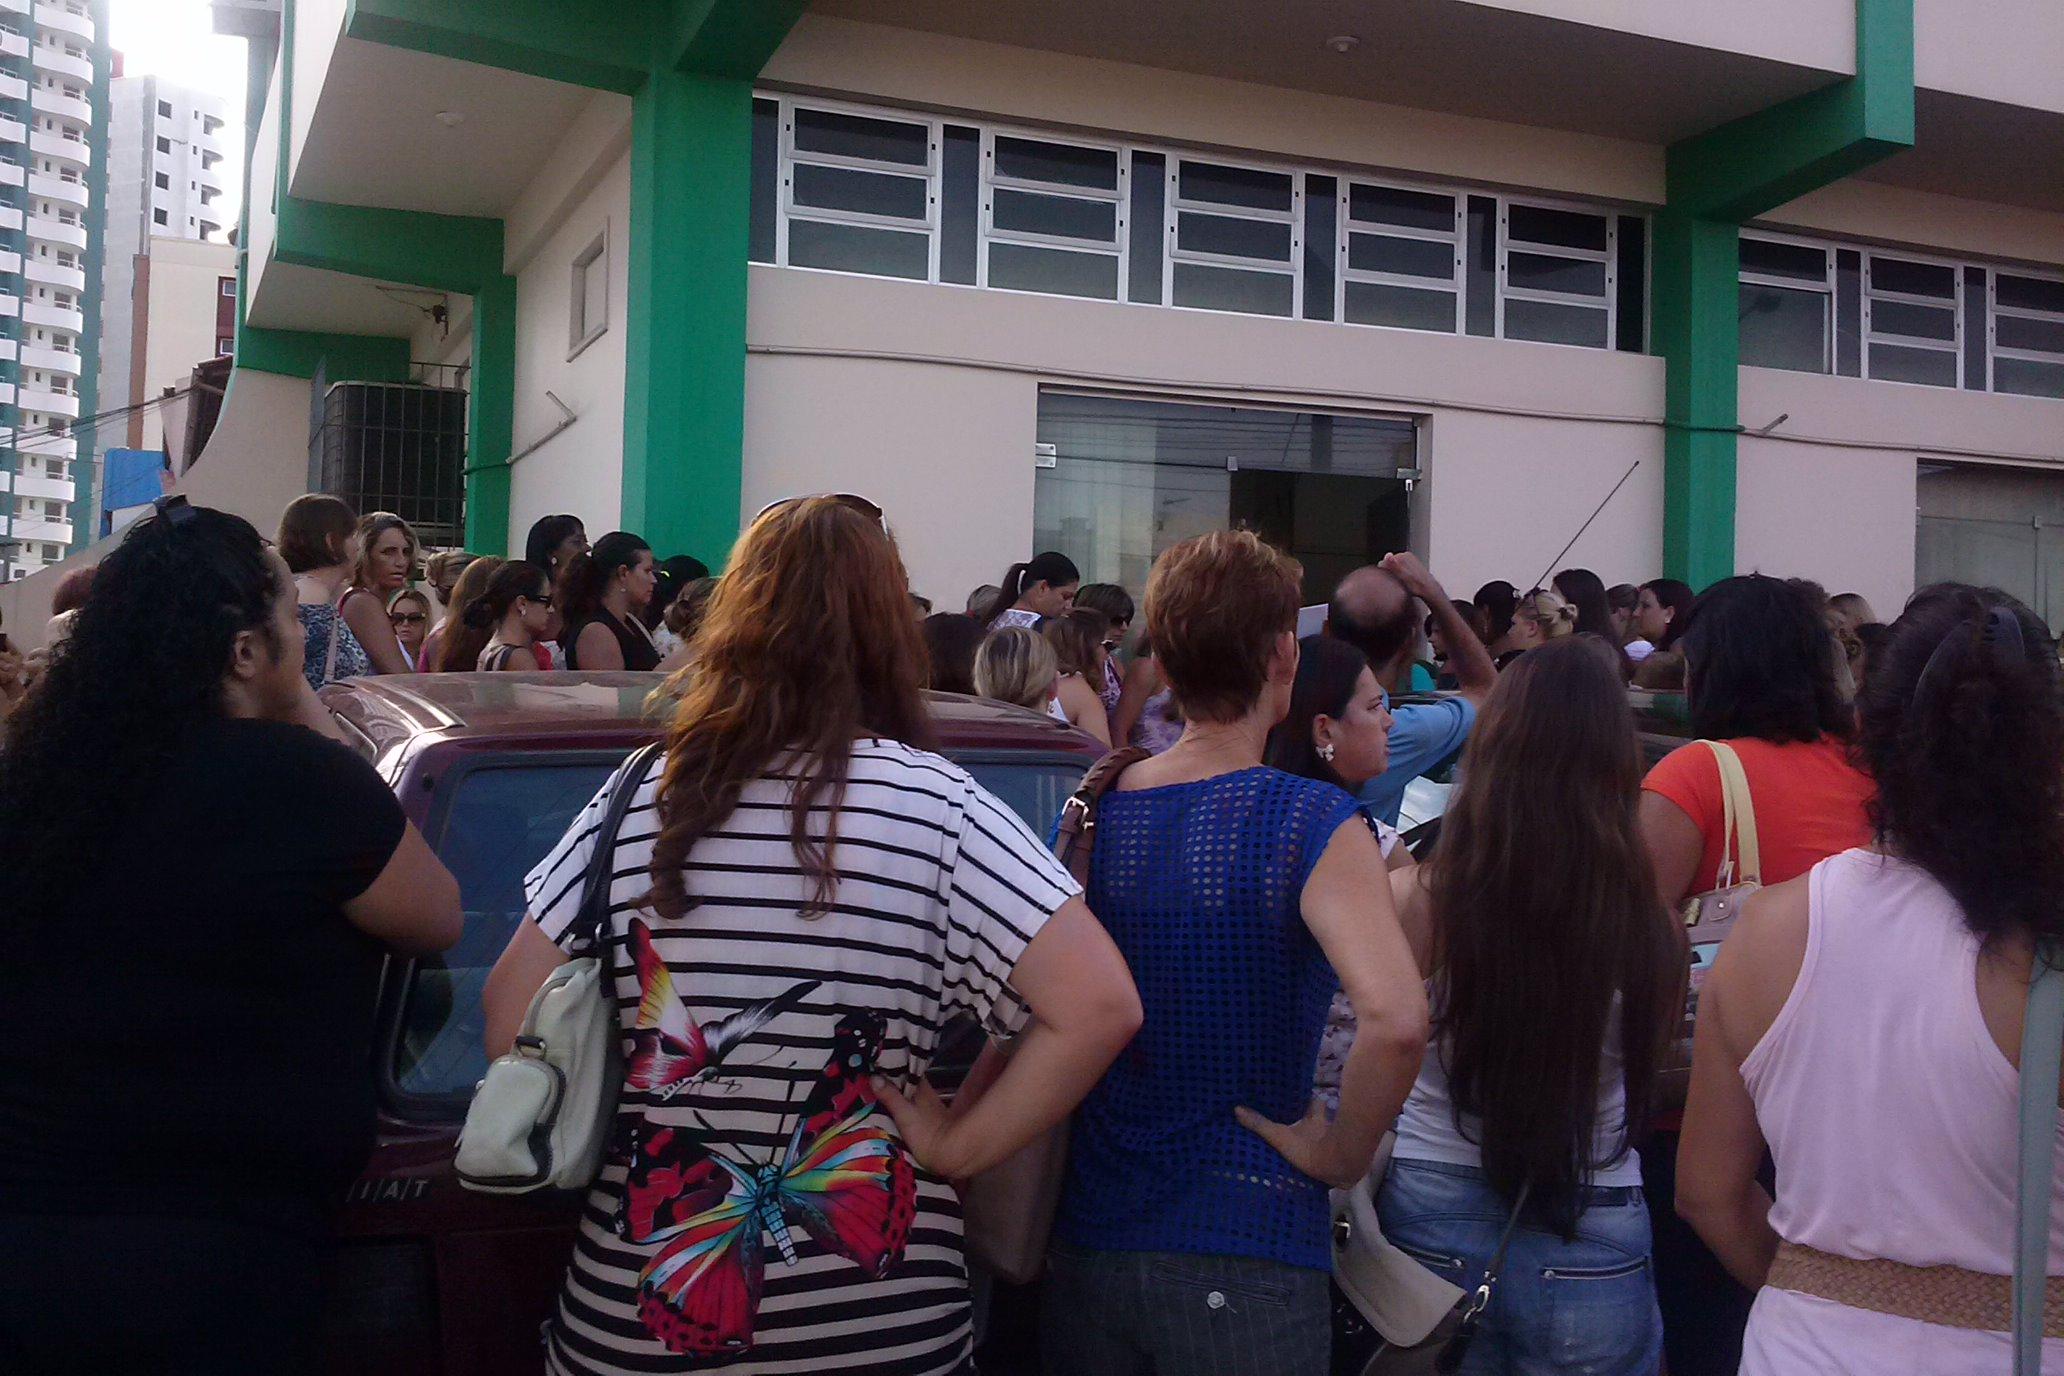 ACT's escolhidos para a região de Joinville (SC) serão chamados nesta quinta-feira (12/2)